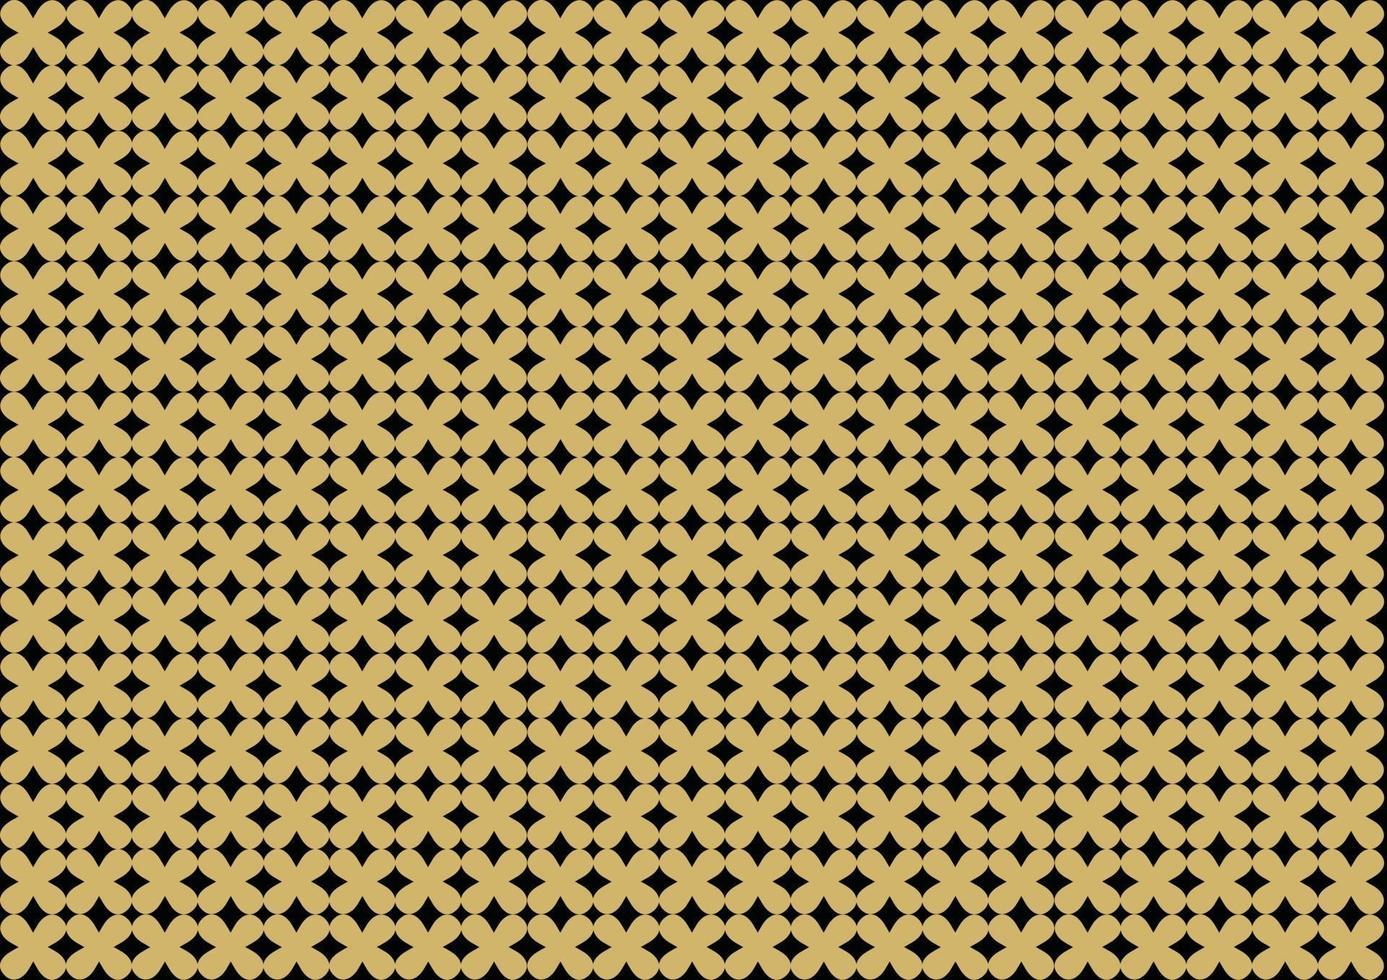 gouden textuur. naadloze geometrische patroon. abstracte gouden achtergrond. retro patroon hipster vector